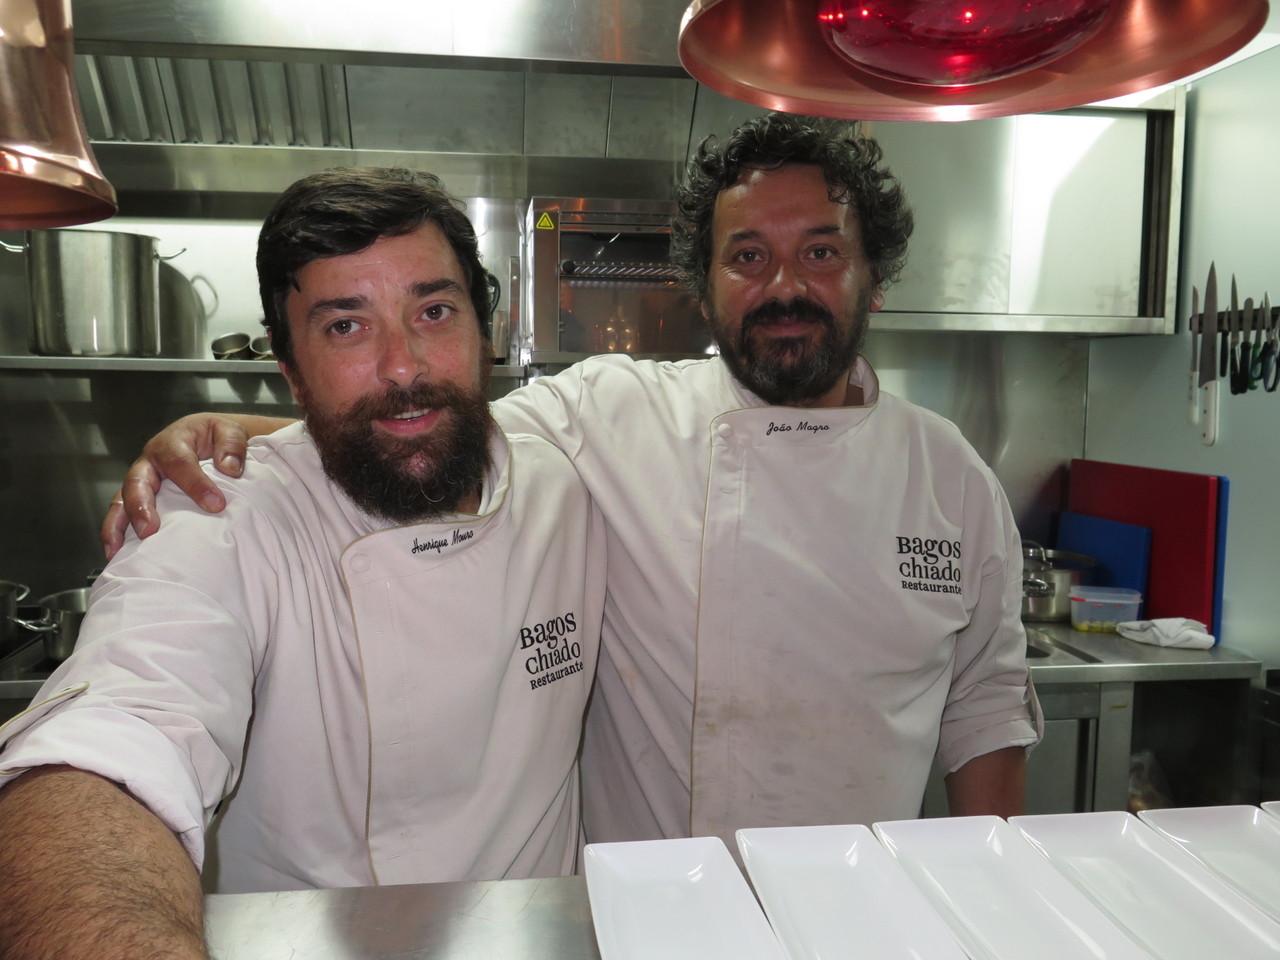 Henrique Mouro e João Magro